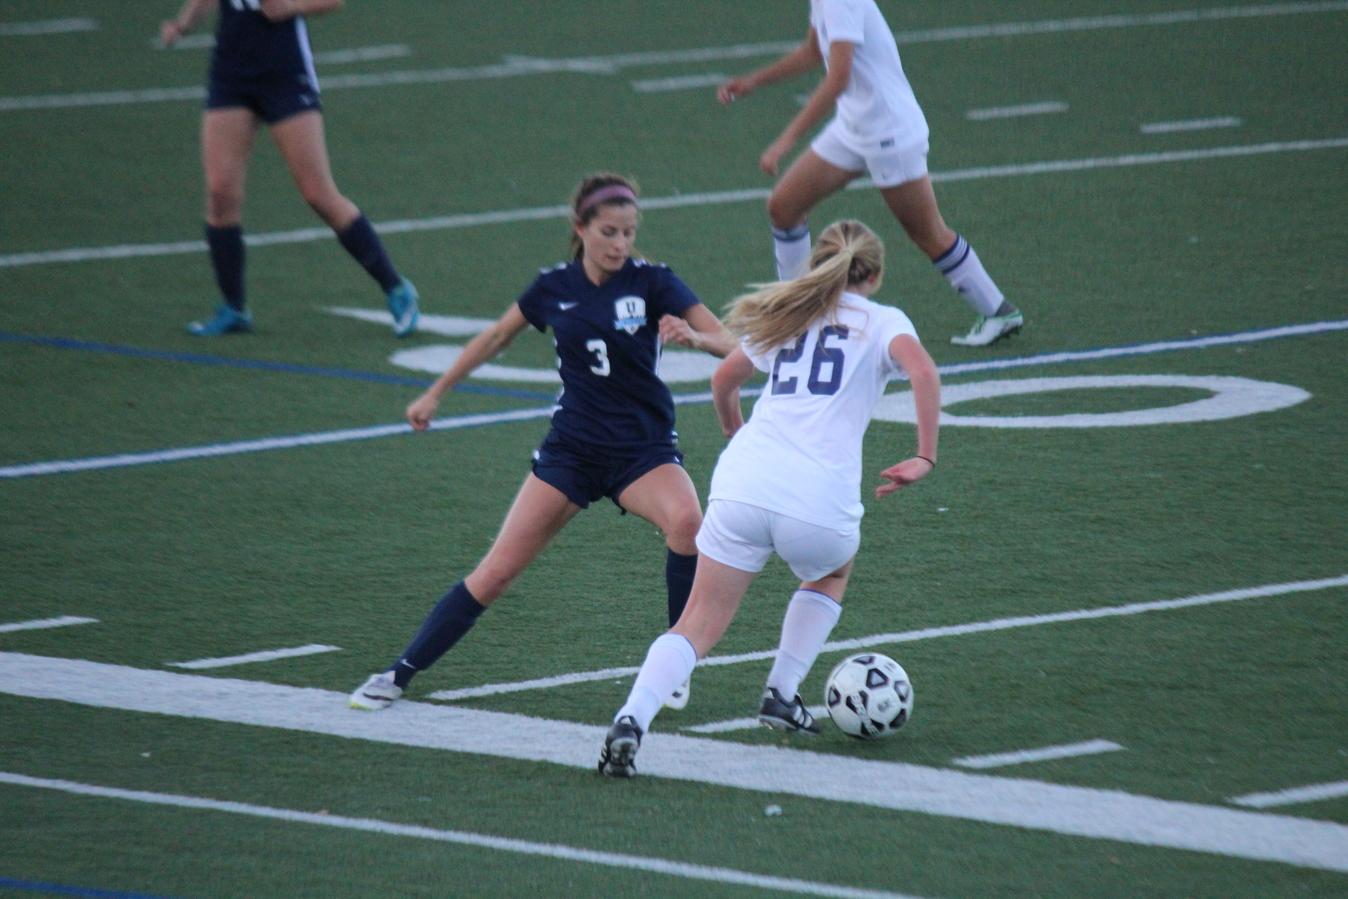 11th grader Lauren Morris dribbles the ball up the sideline.